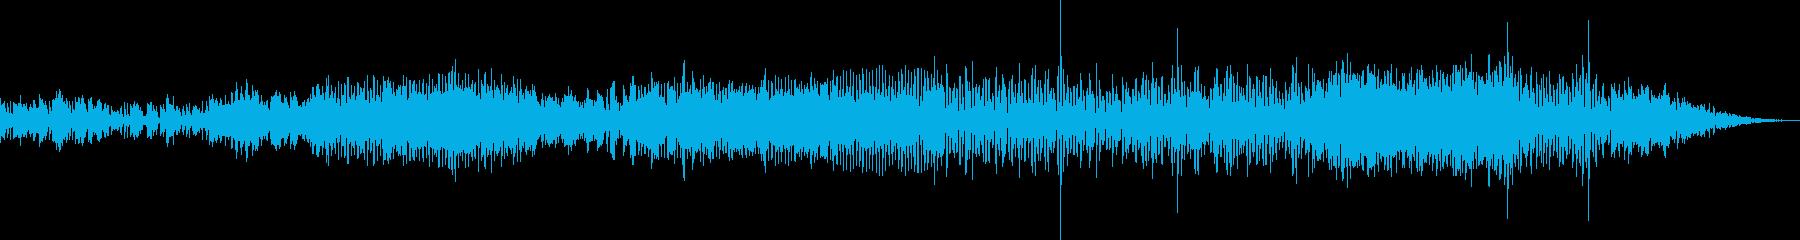 地下ダンジョンでの冒険シンセBGMの再生済みの波形